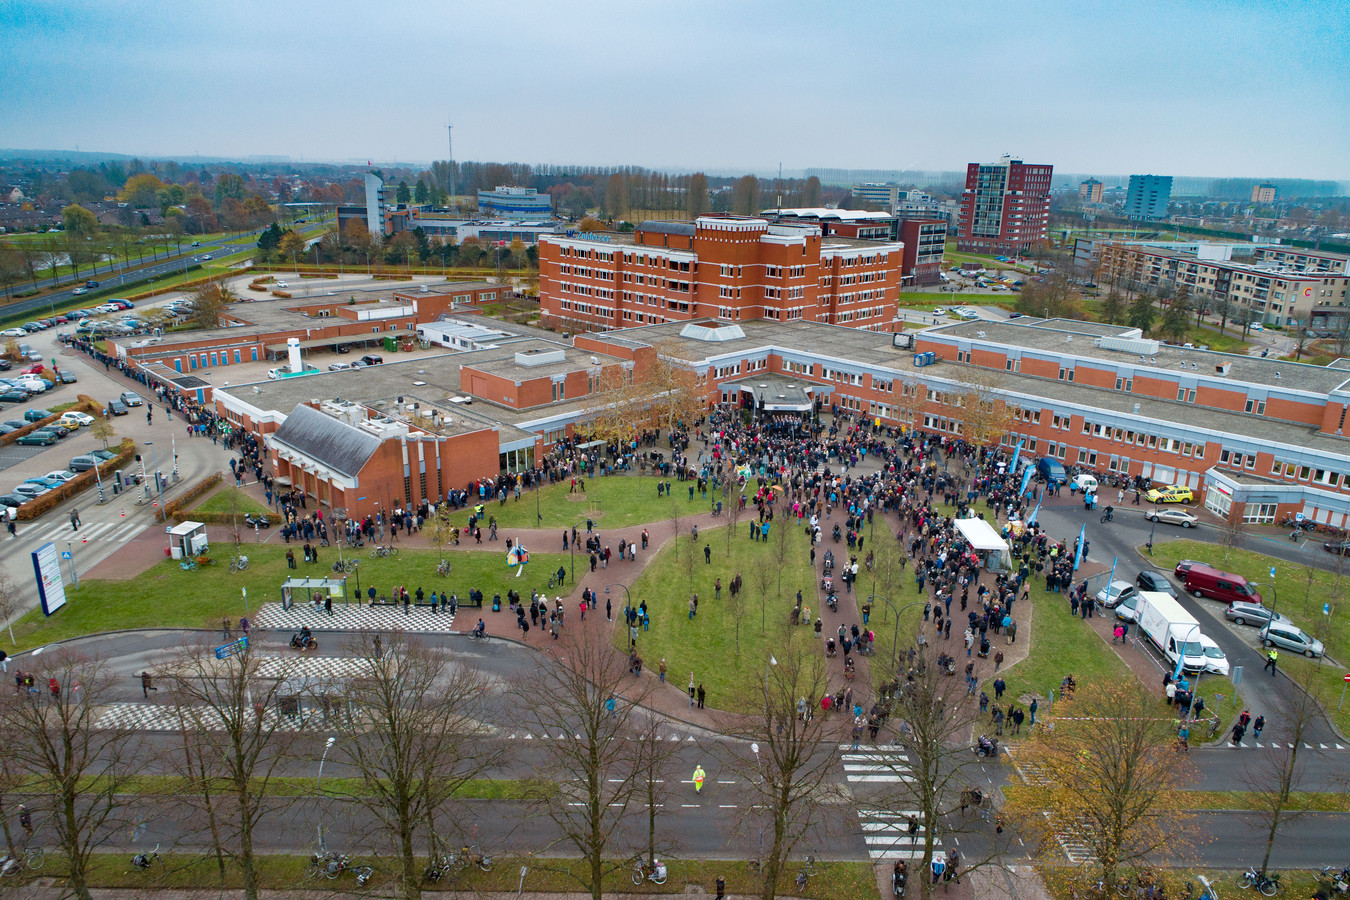 Protestactie van boze burgers na het plotselinge faillissement van MC IJsselmeerziekenhuizen in Lelystad.